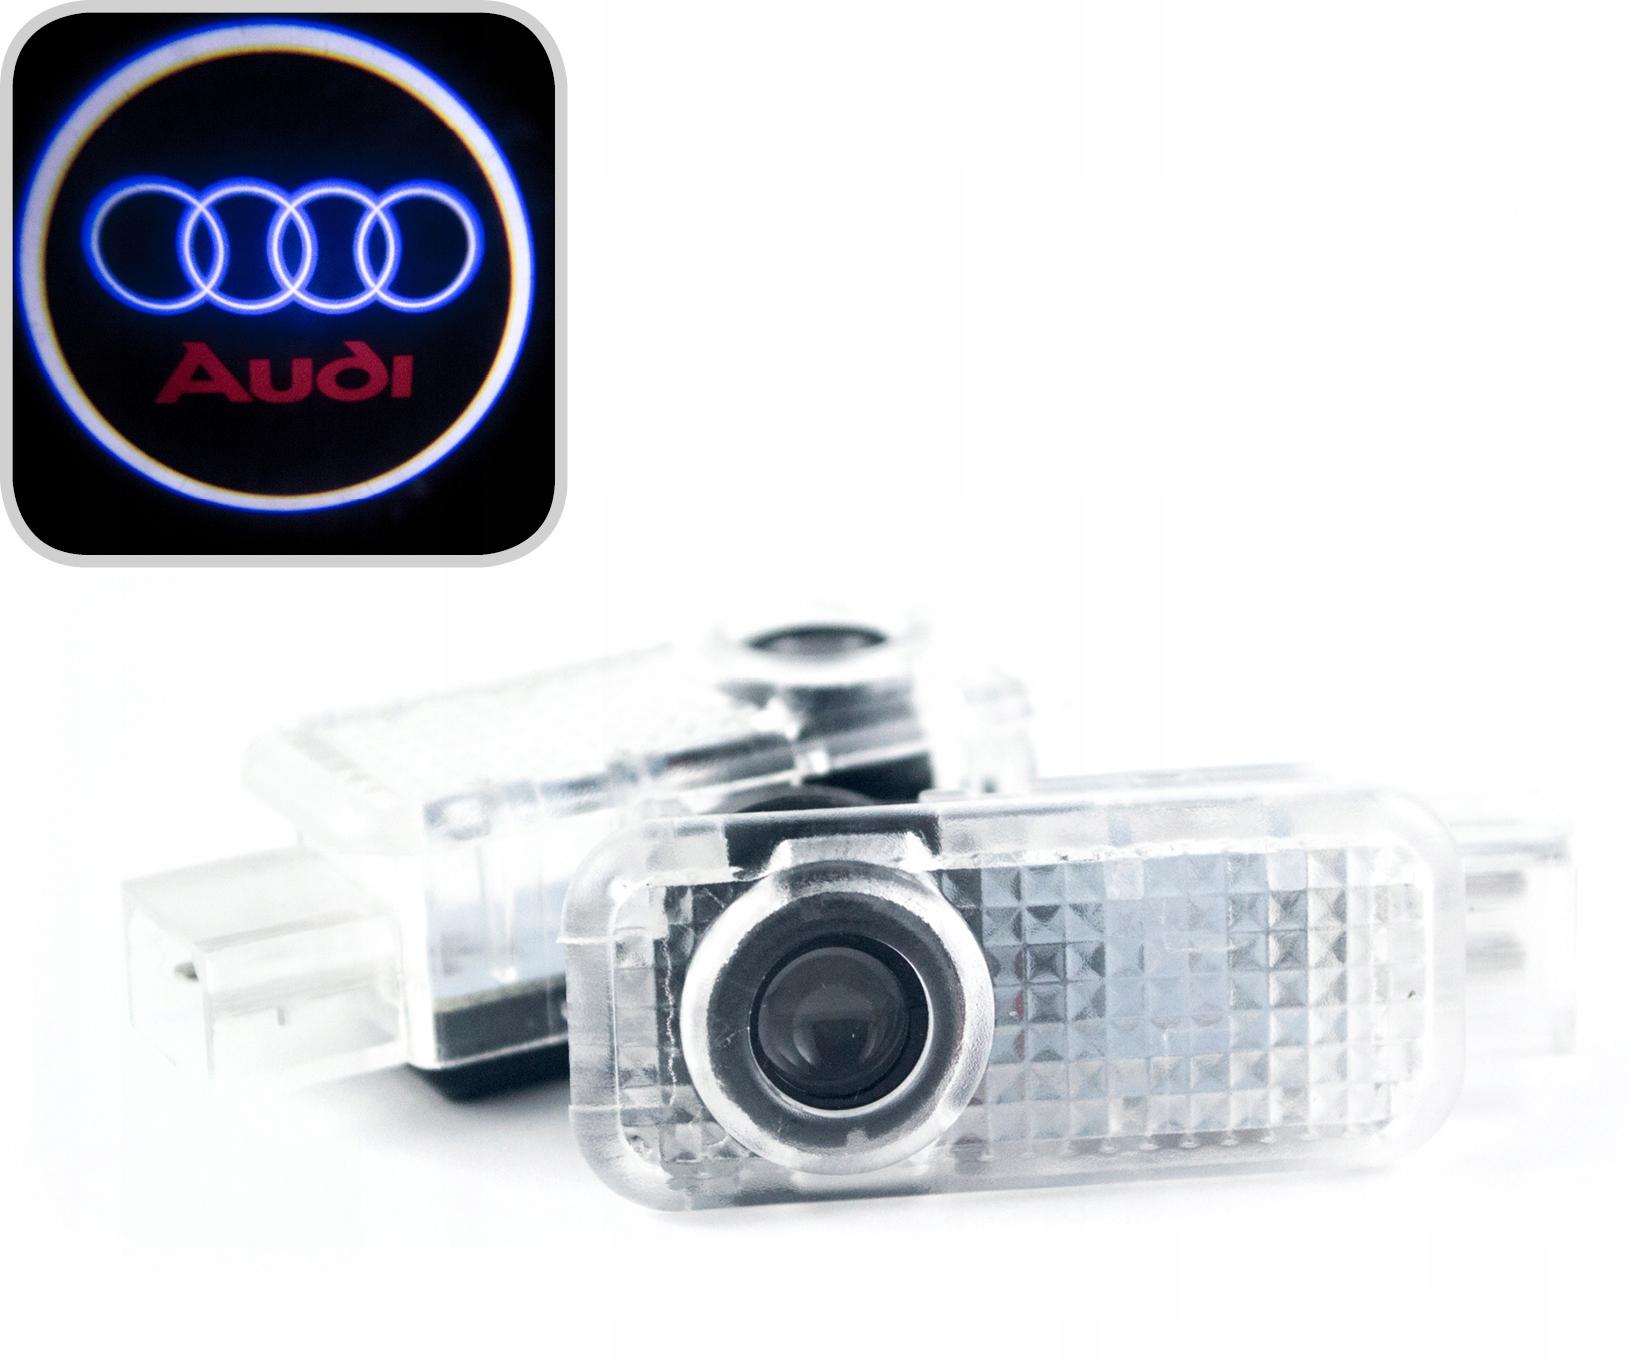 audi led логотип hd проектор a3 a4 a5 a6 a8 q3 q5 q7